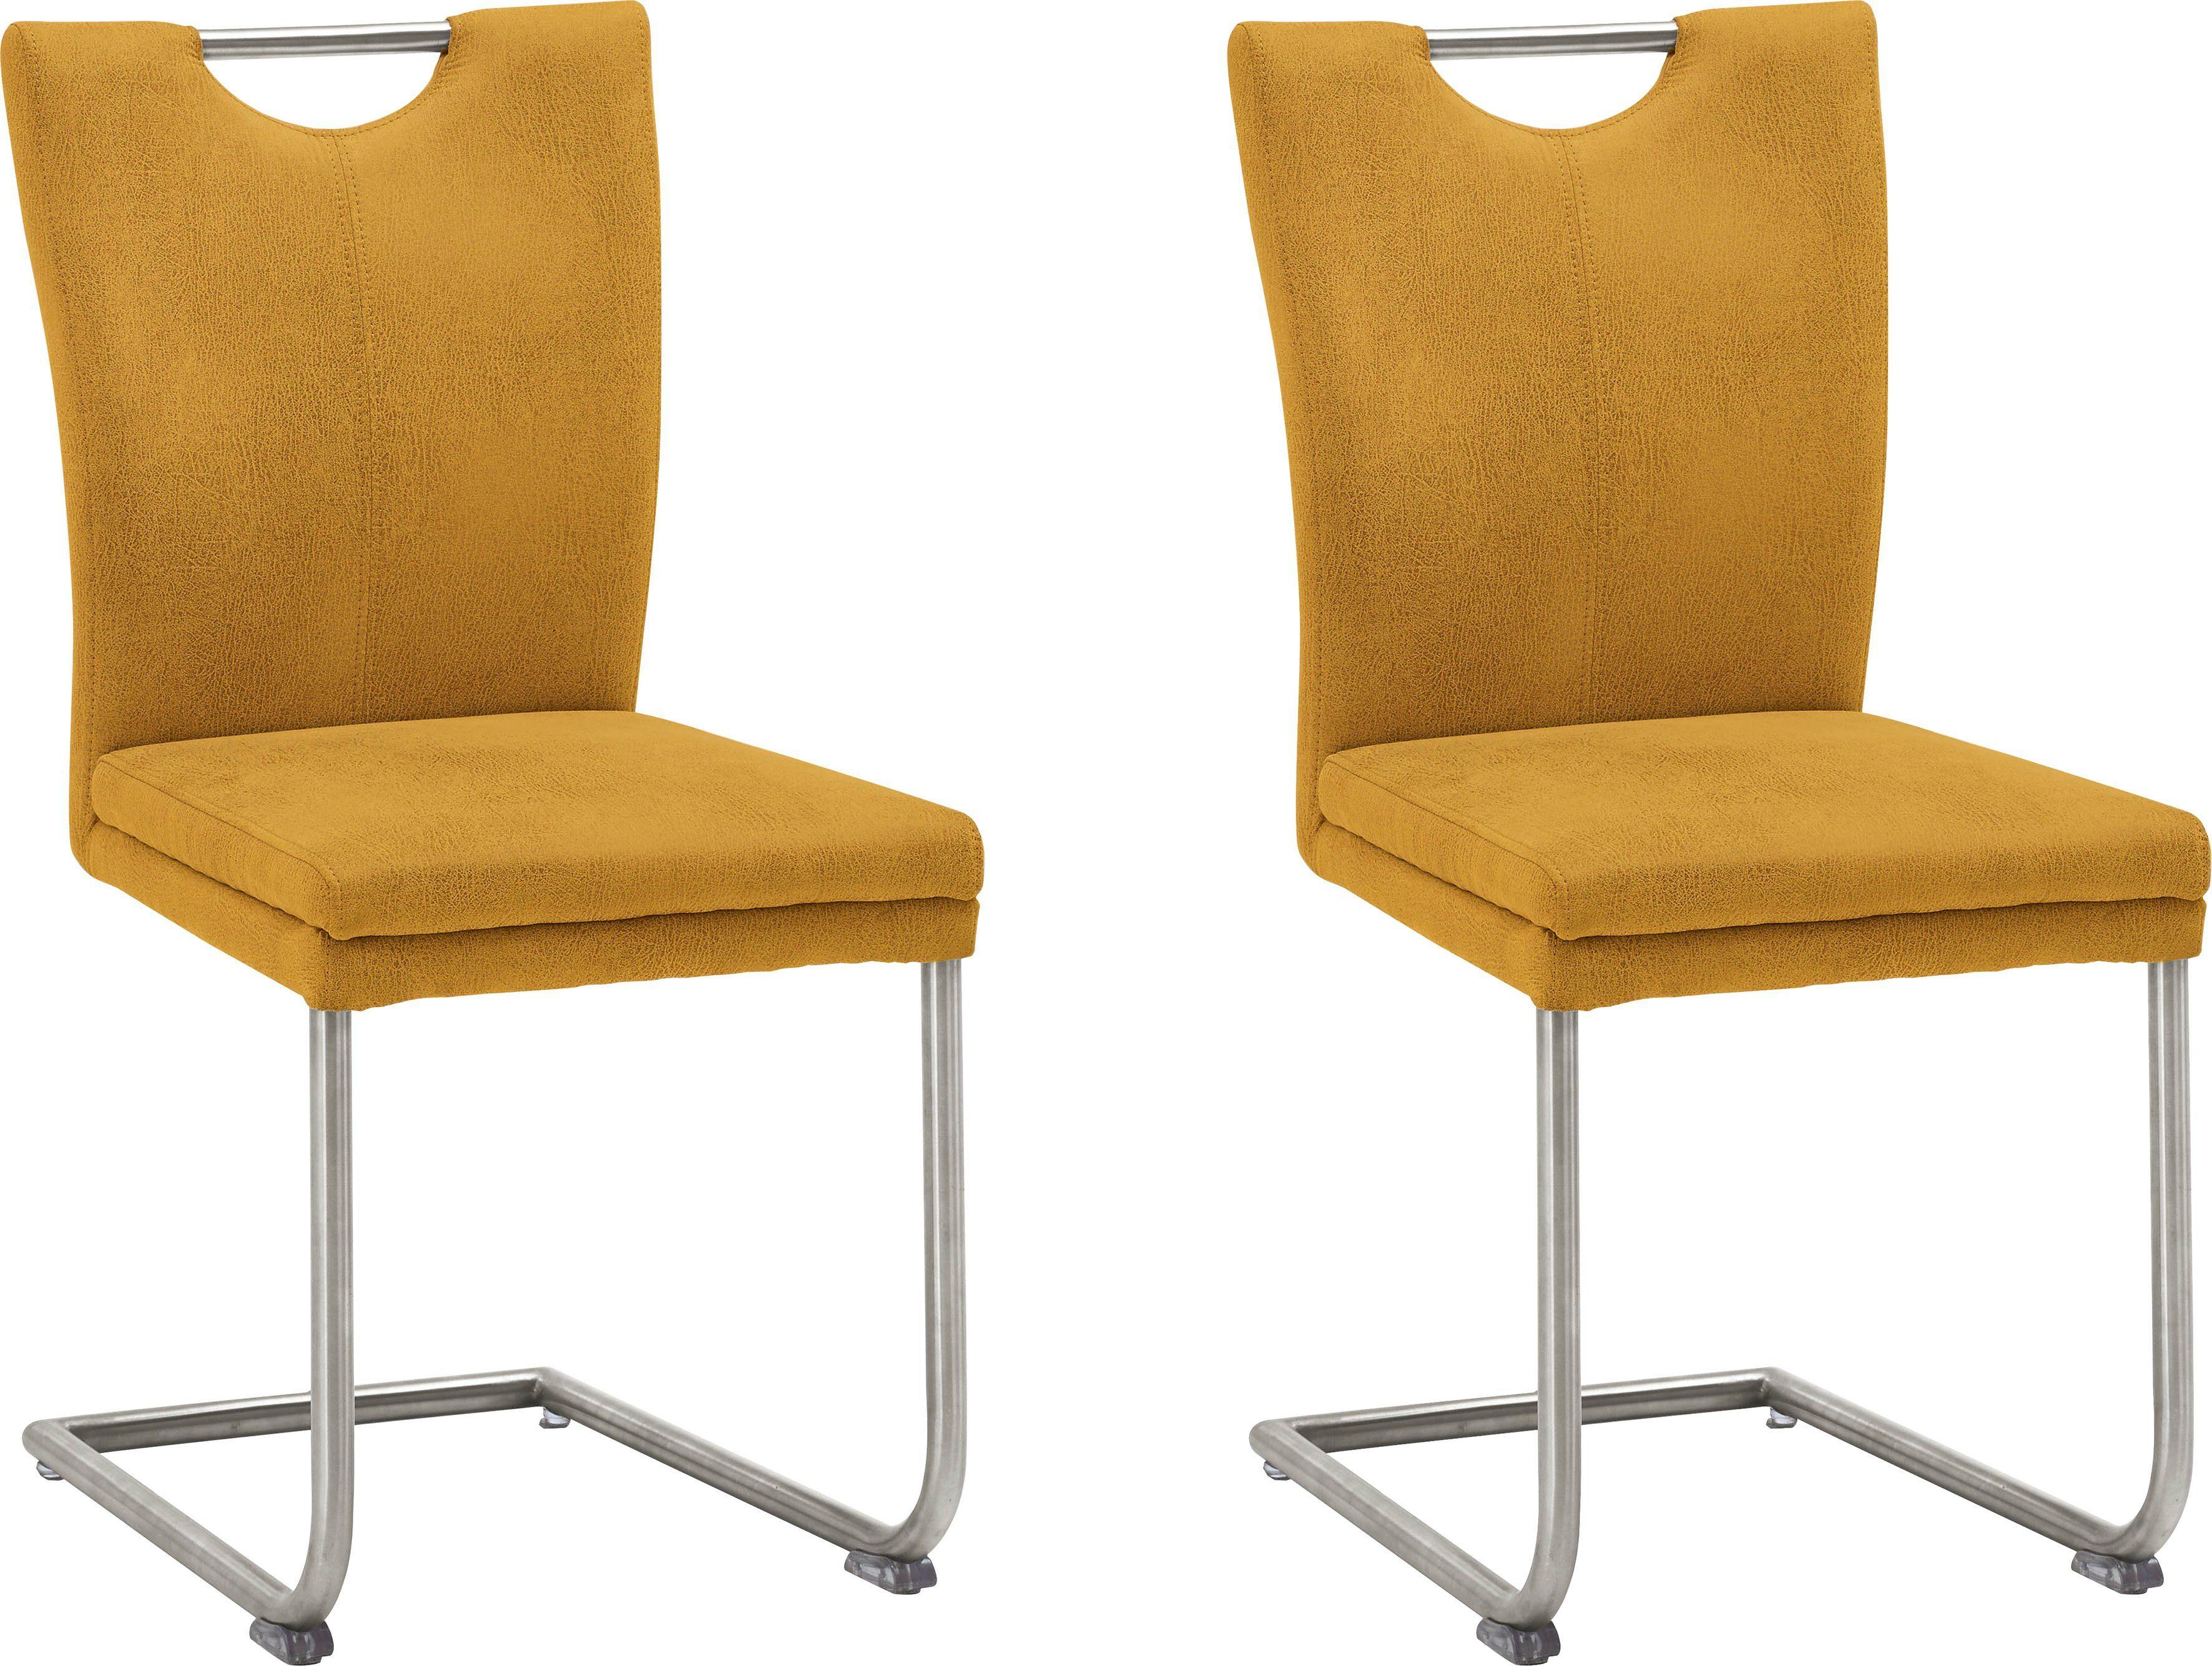 NIEHOFF SITZMÖBEL Esszimmerstuhl »Top Chairs« Griff im Rücken, 2er Set online kaufen | OTTO